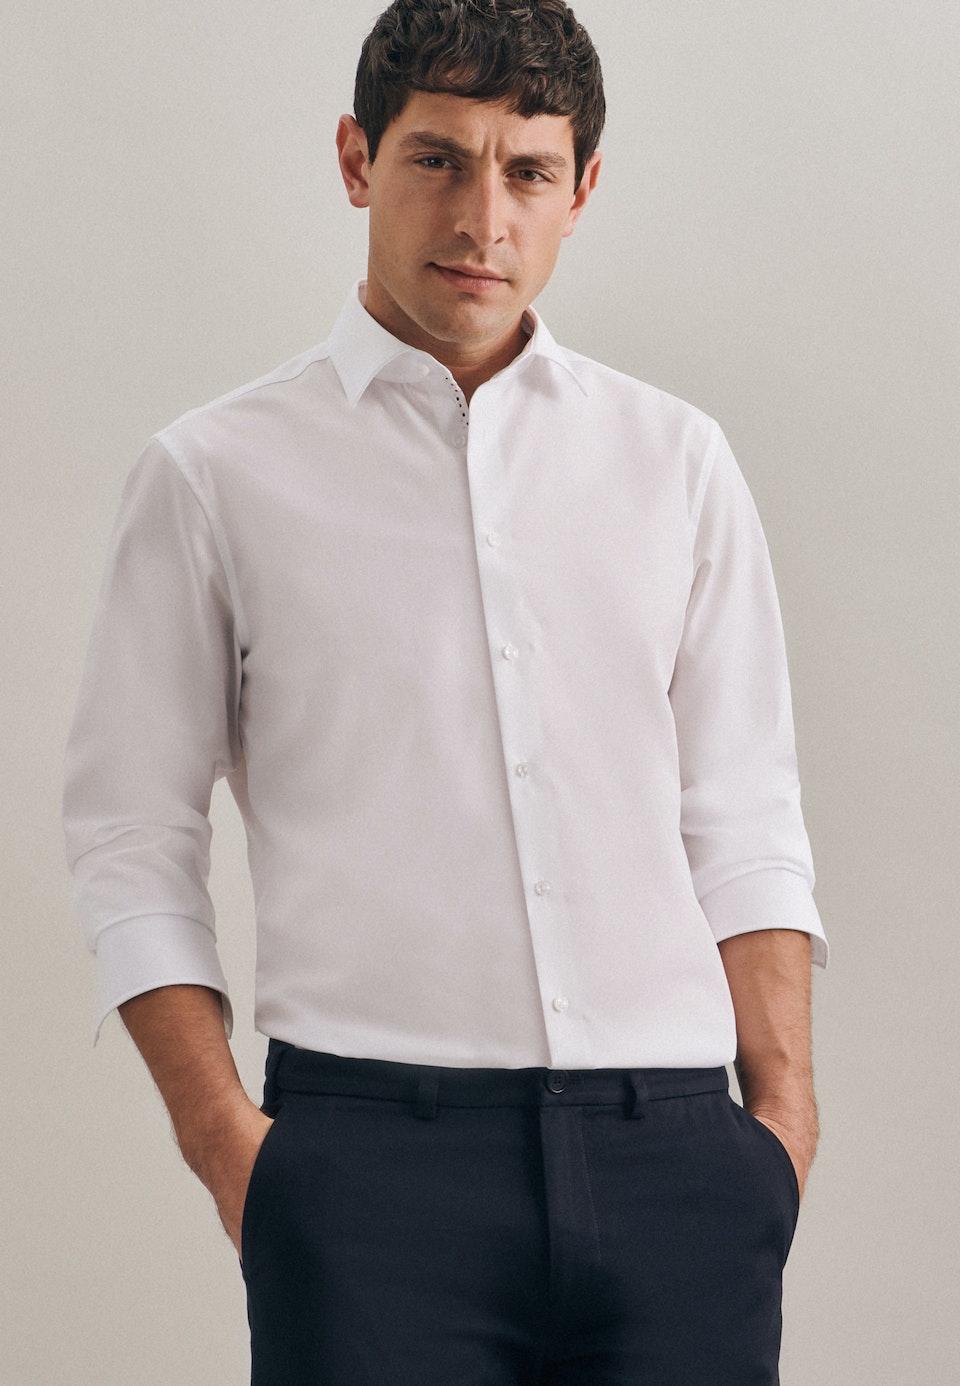 Bügelfreies Struktur Business Hemd in Shaped mit Kentkragen in Weiß |  Seidensticker Onlineshop